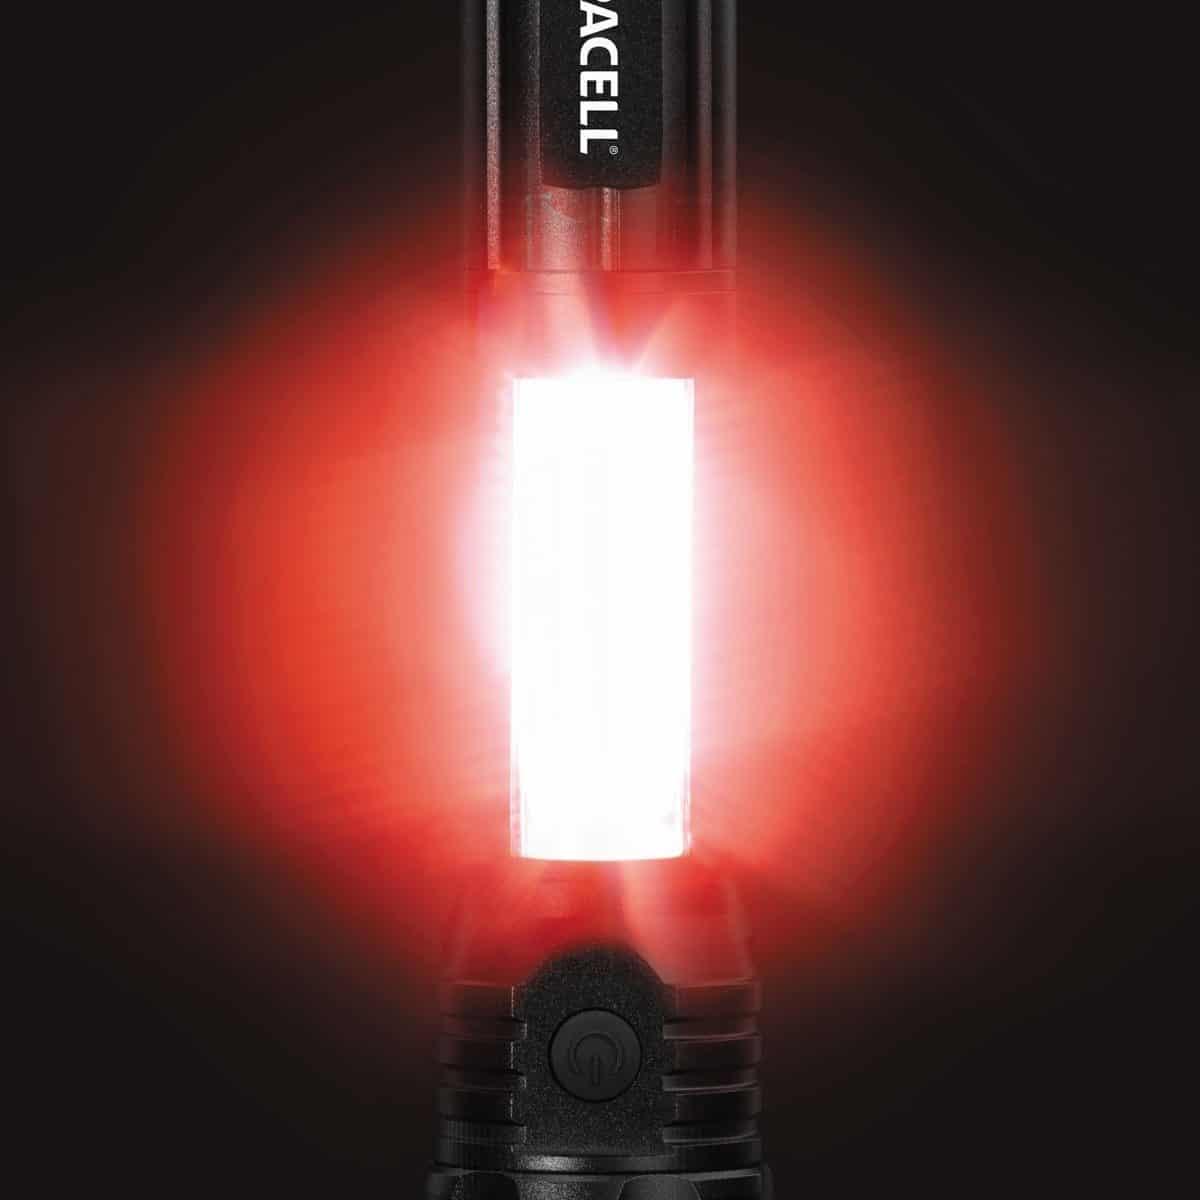 Φακός 3W EXPLORER WKL-2-T6 DURACELL red & white light